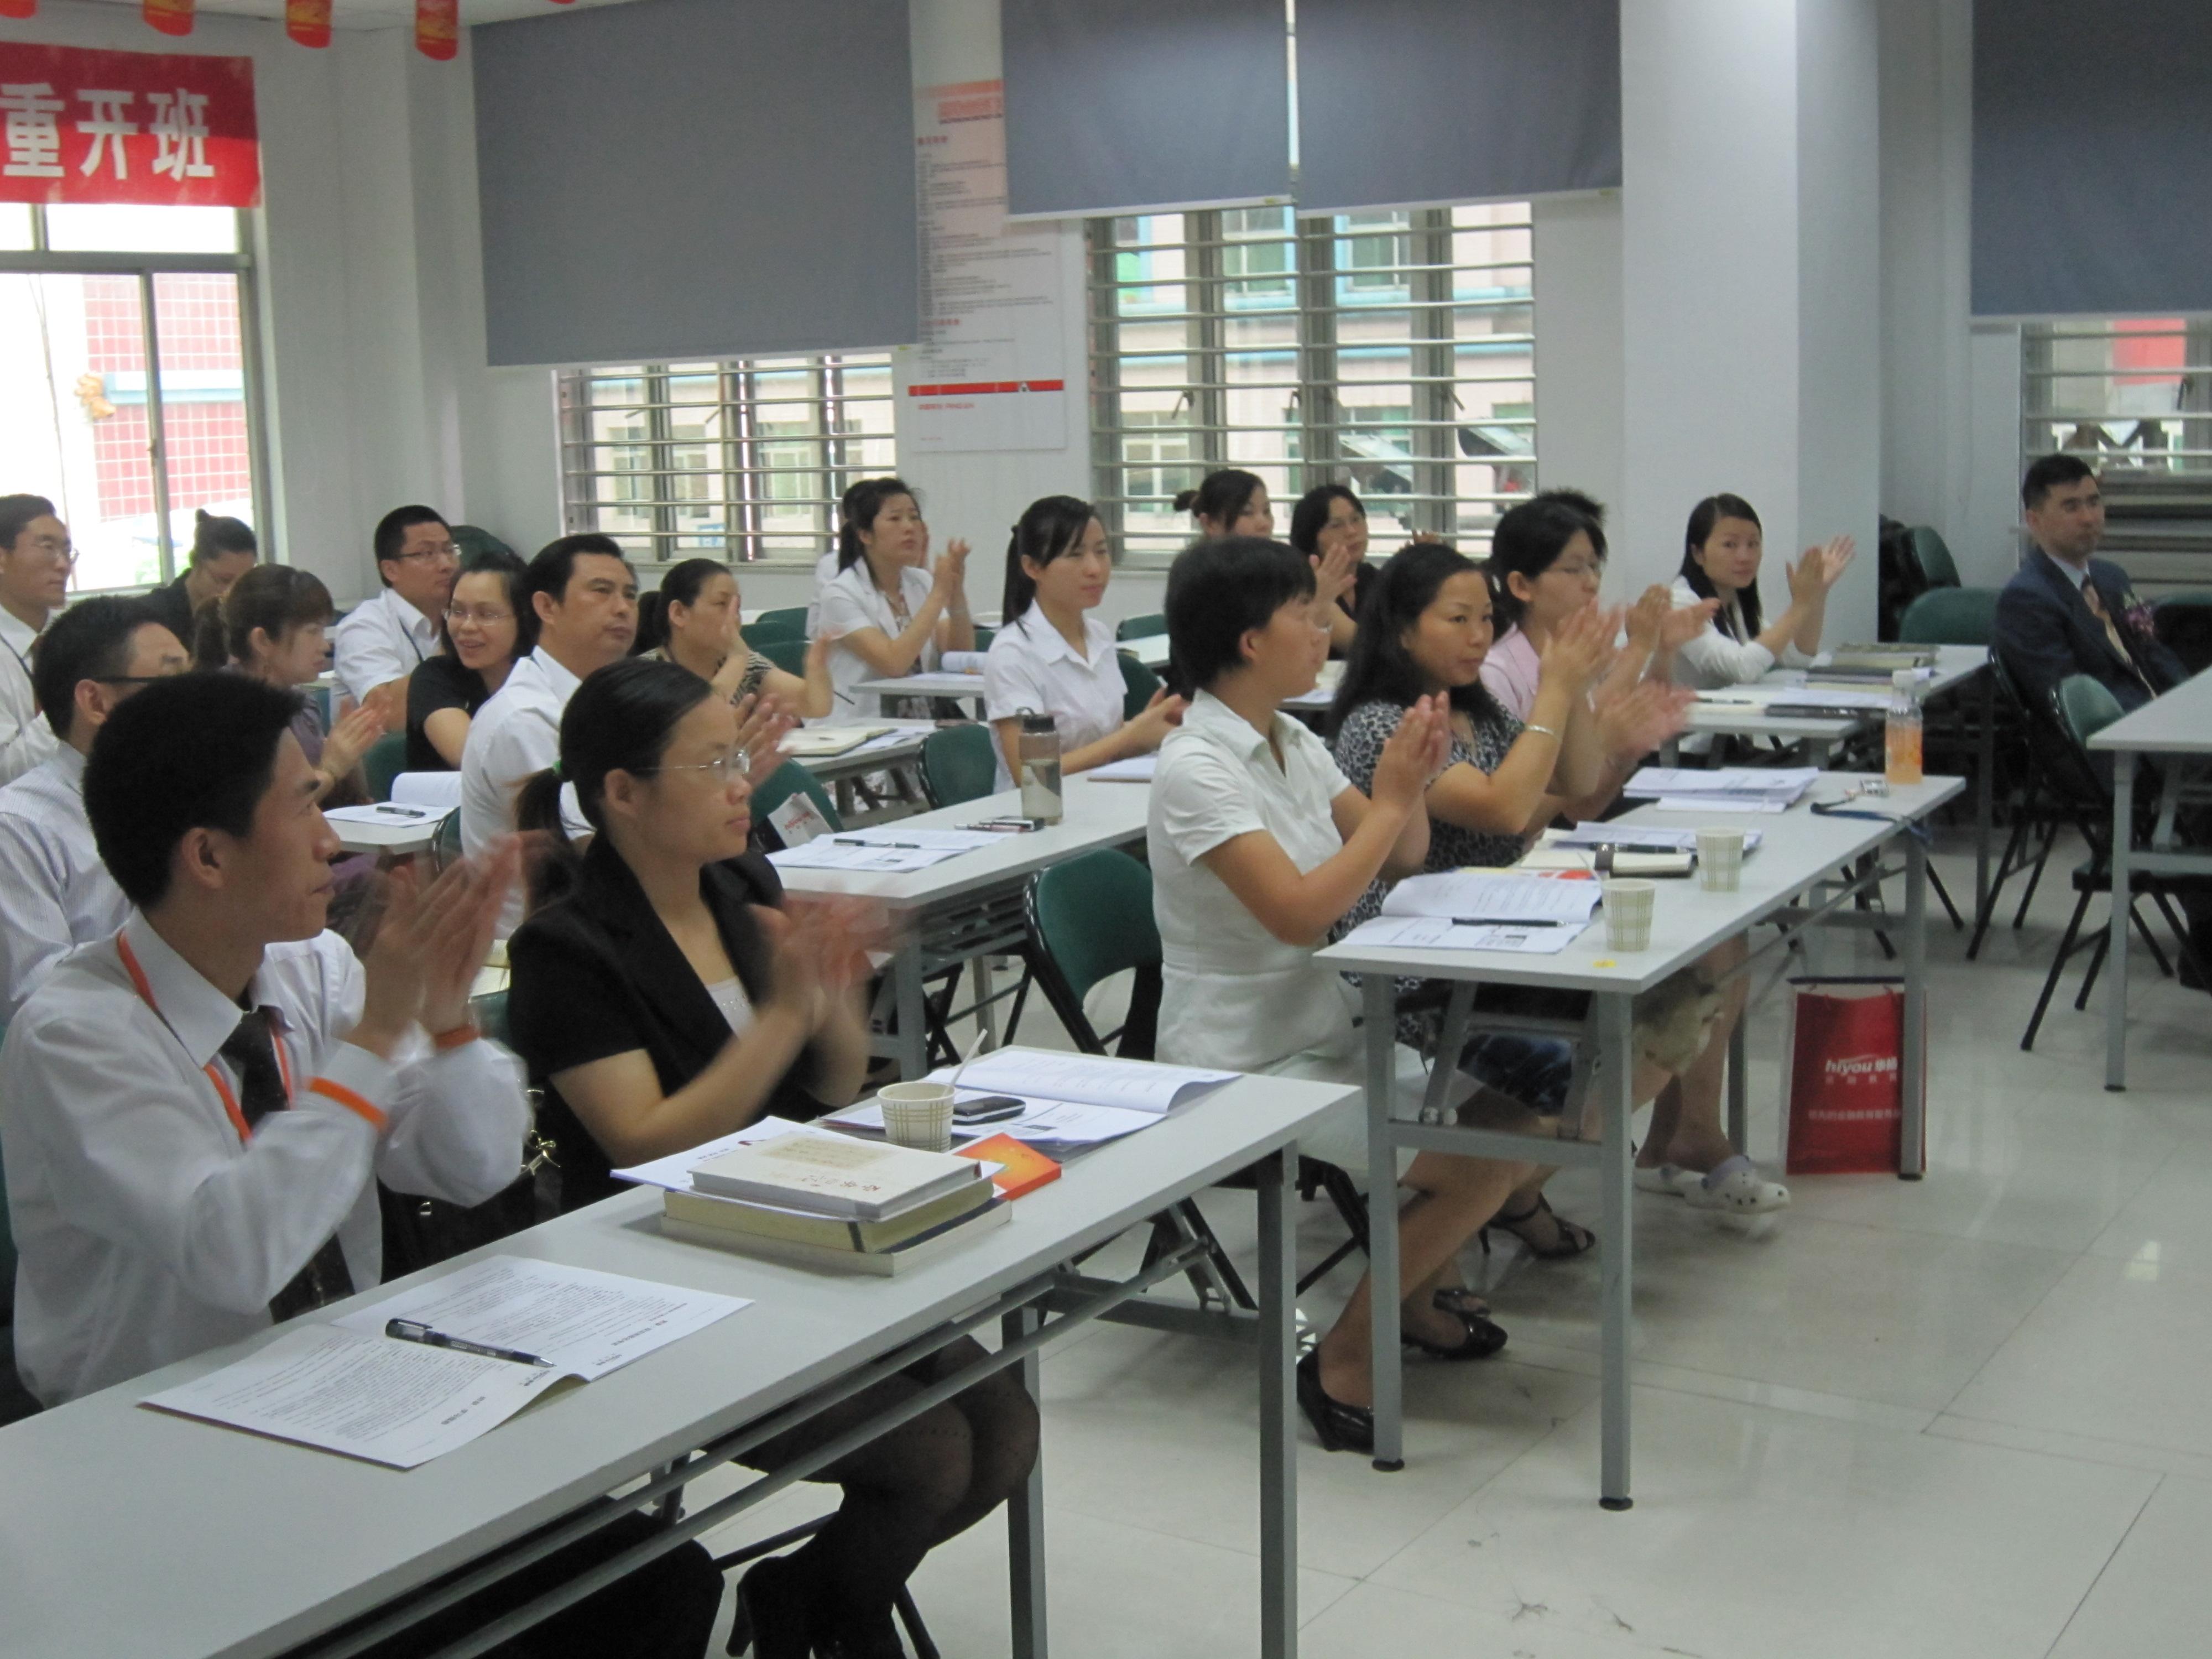 湘函教育旗下职称教育公司